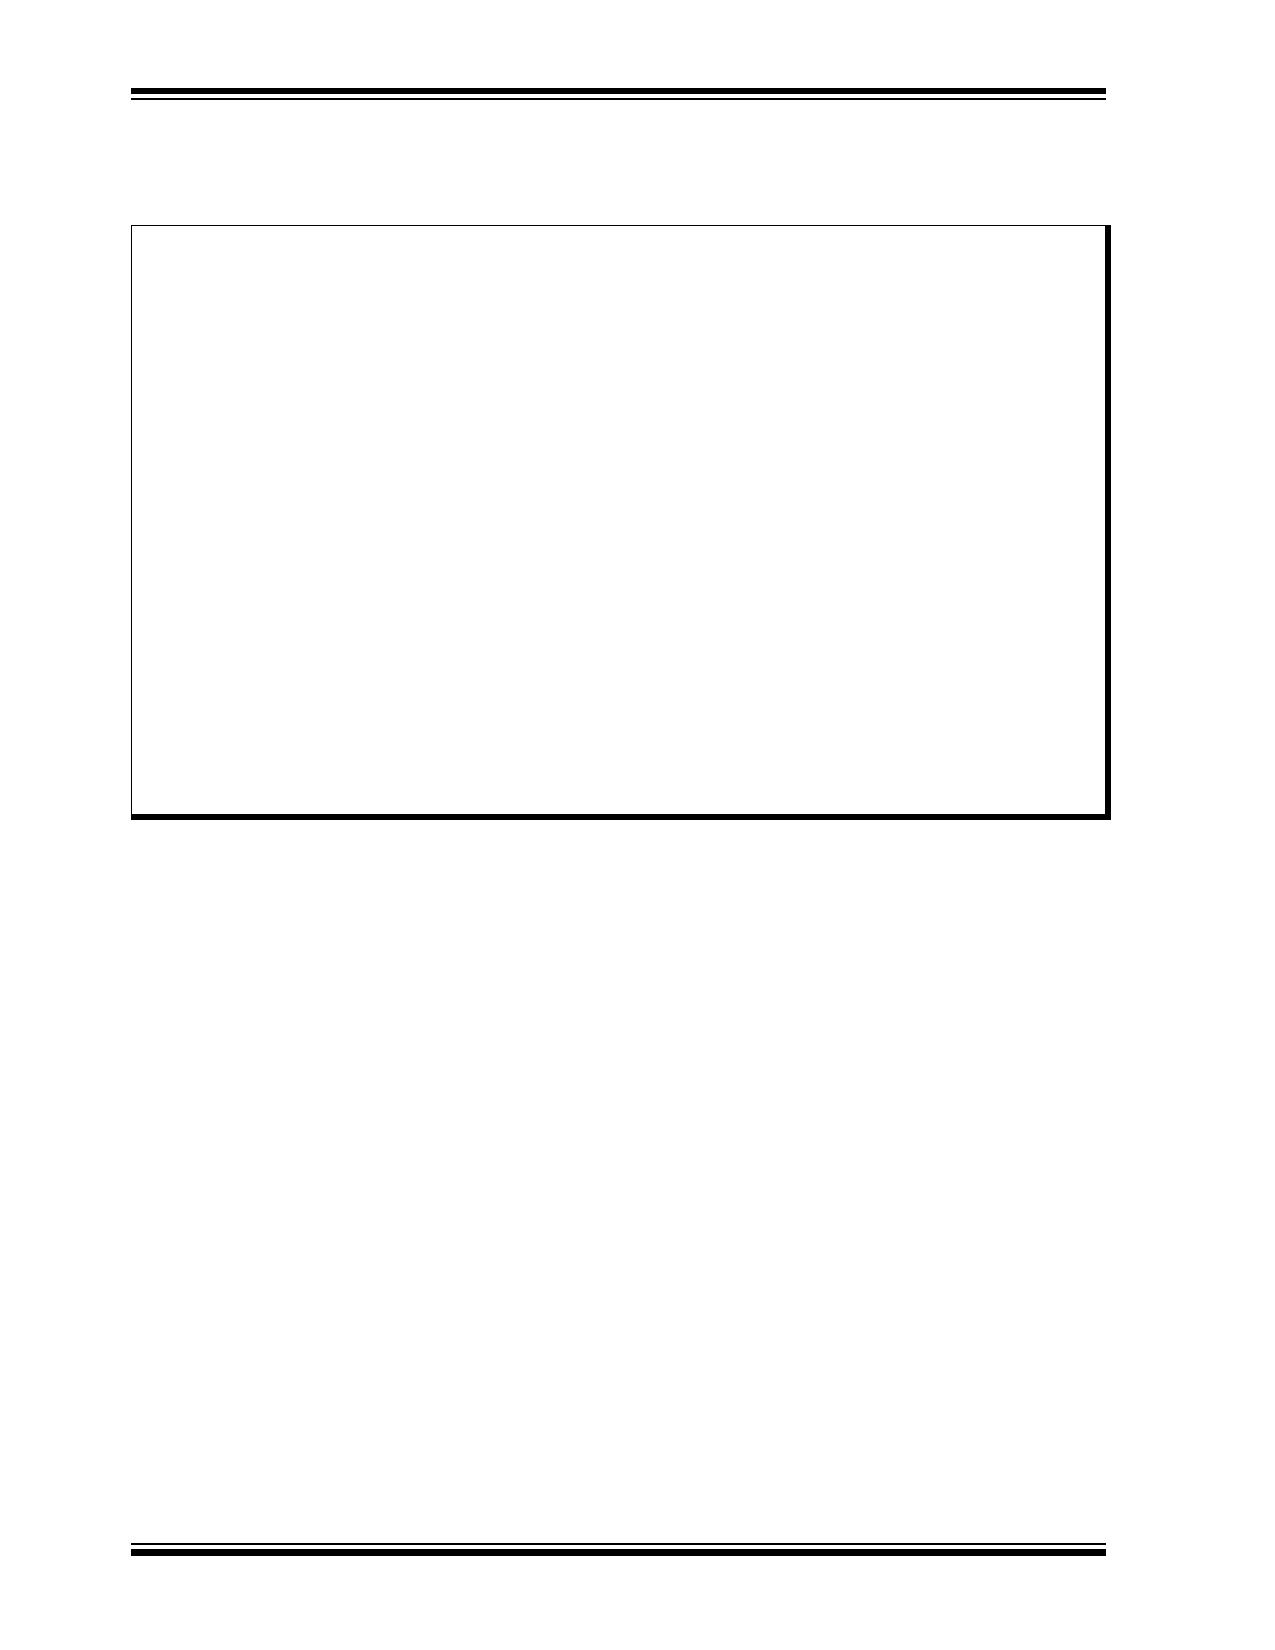 SST12CP11C pdf, schematic